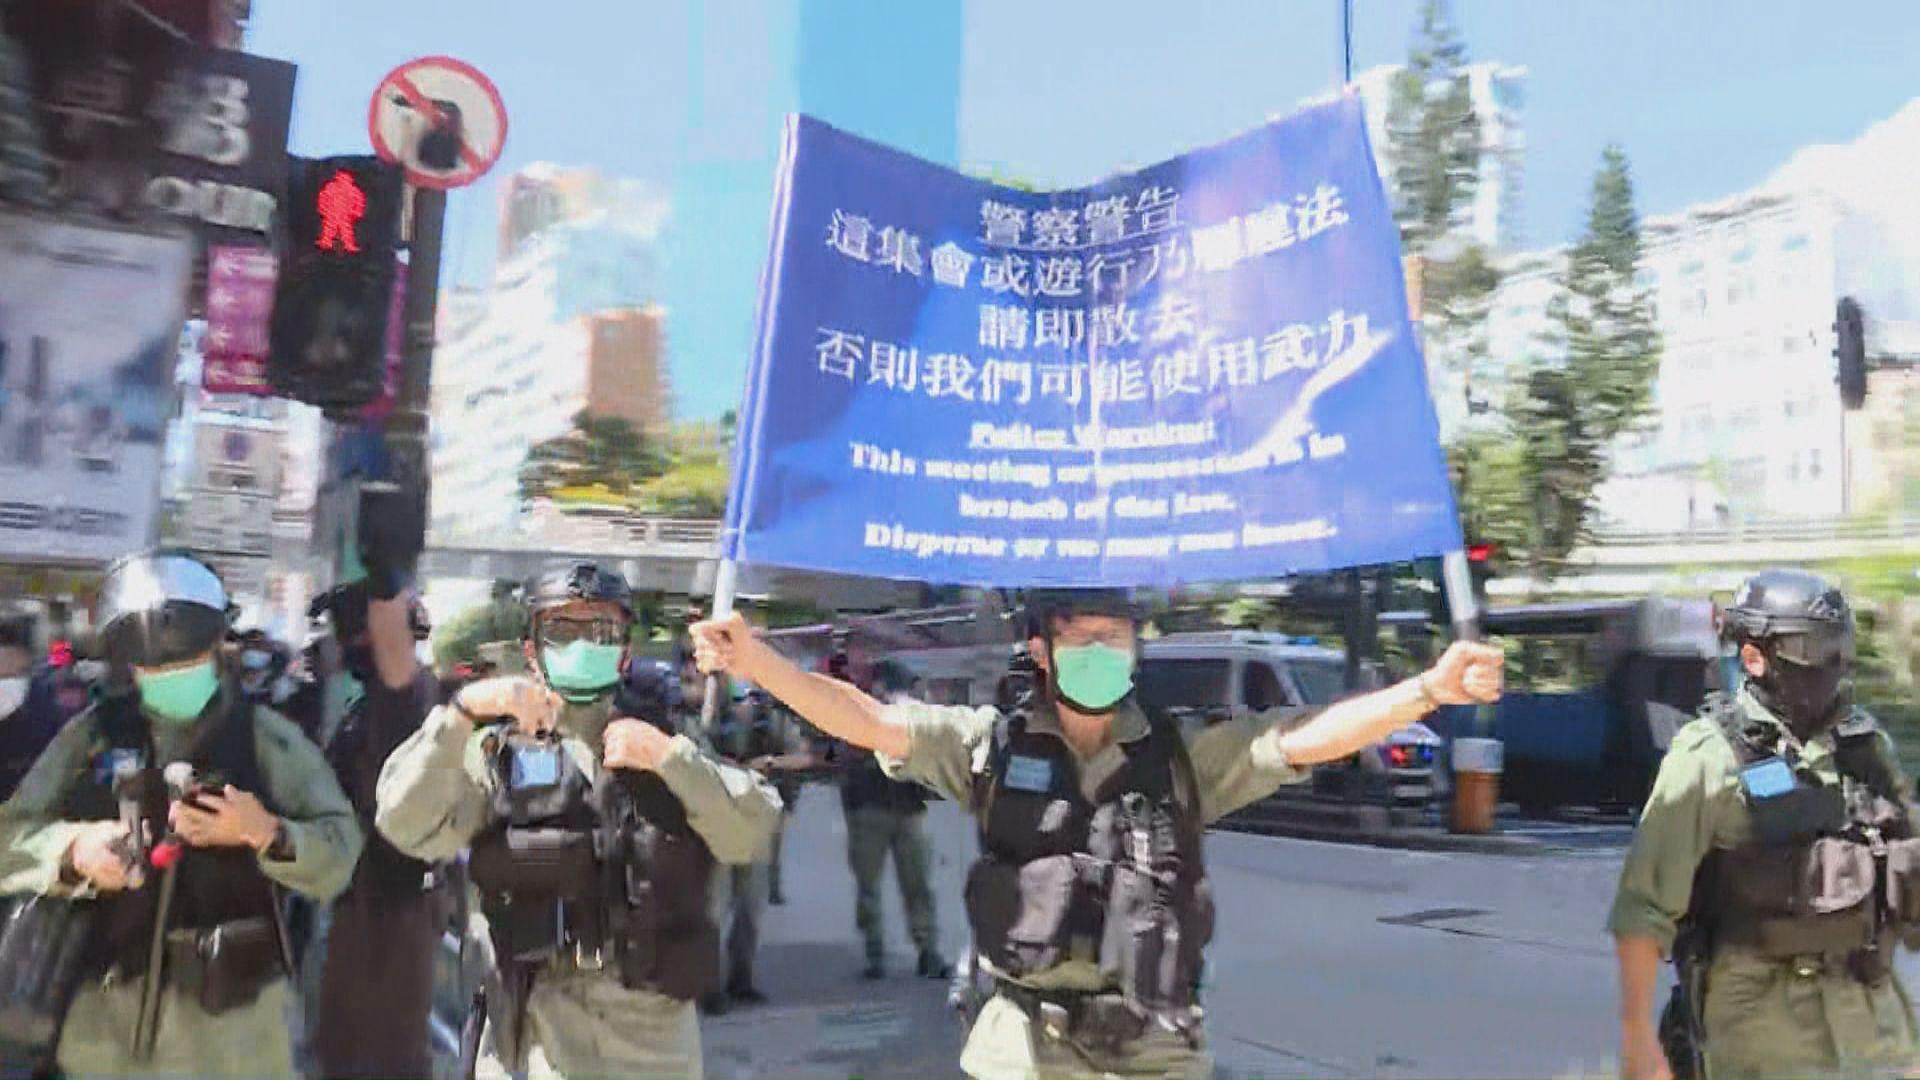 有市民在佐敦遊行反港區國安法 警方舉藍旗警告